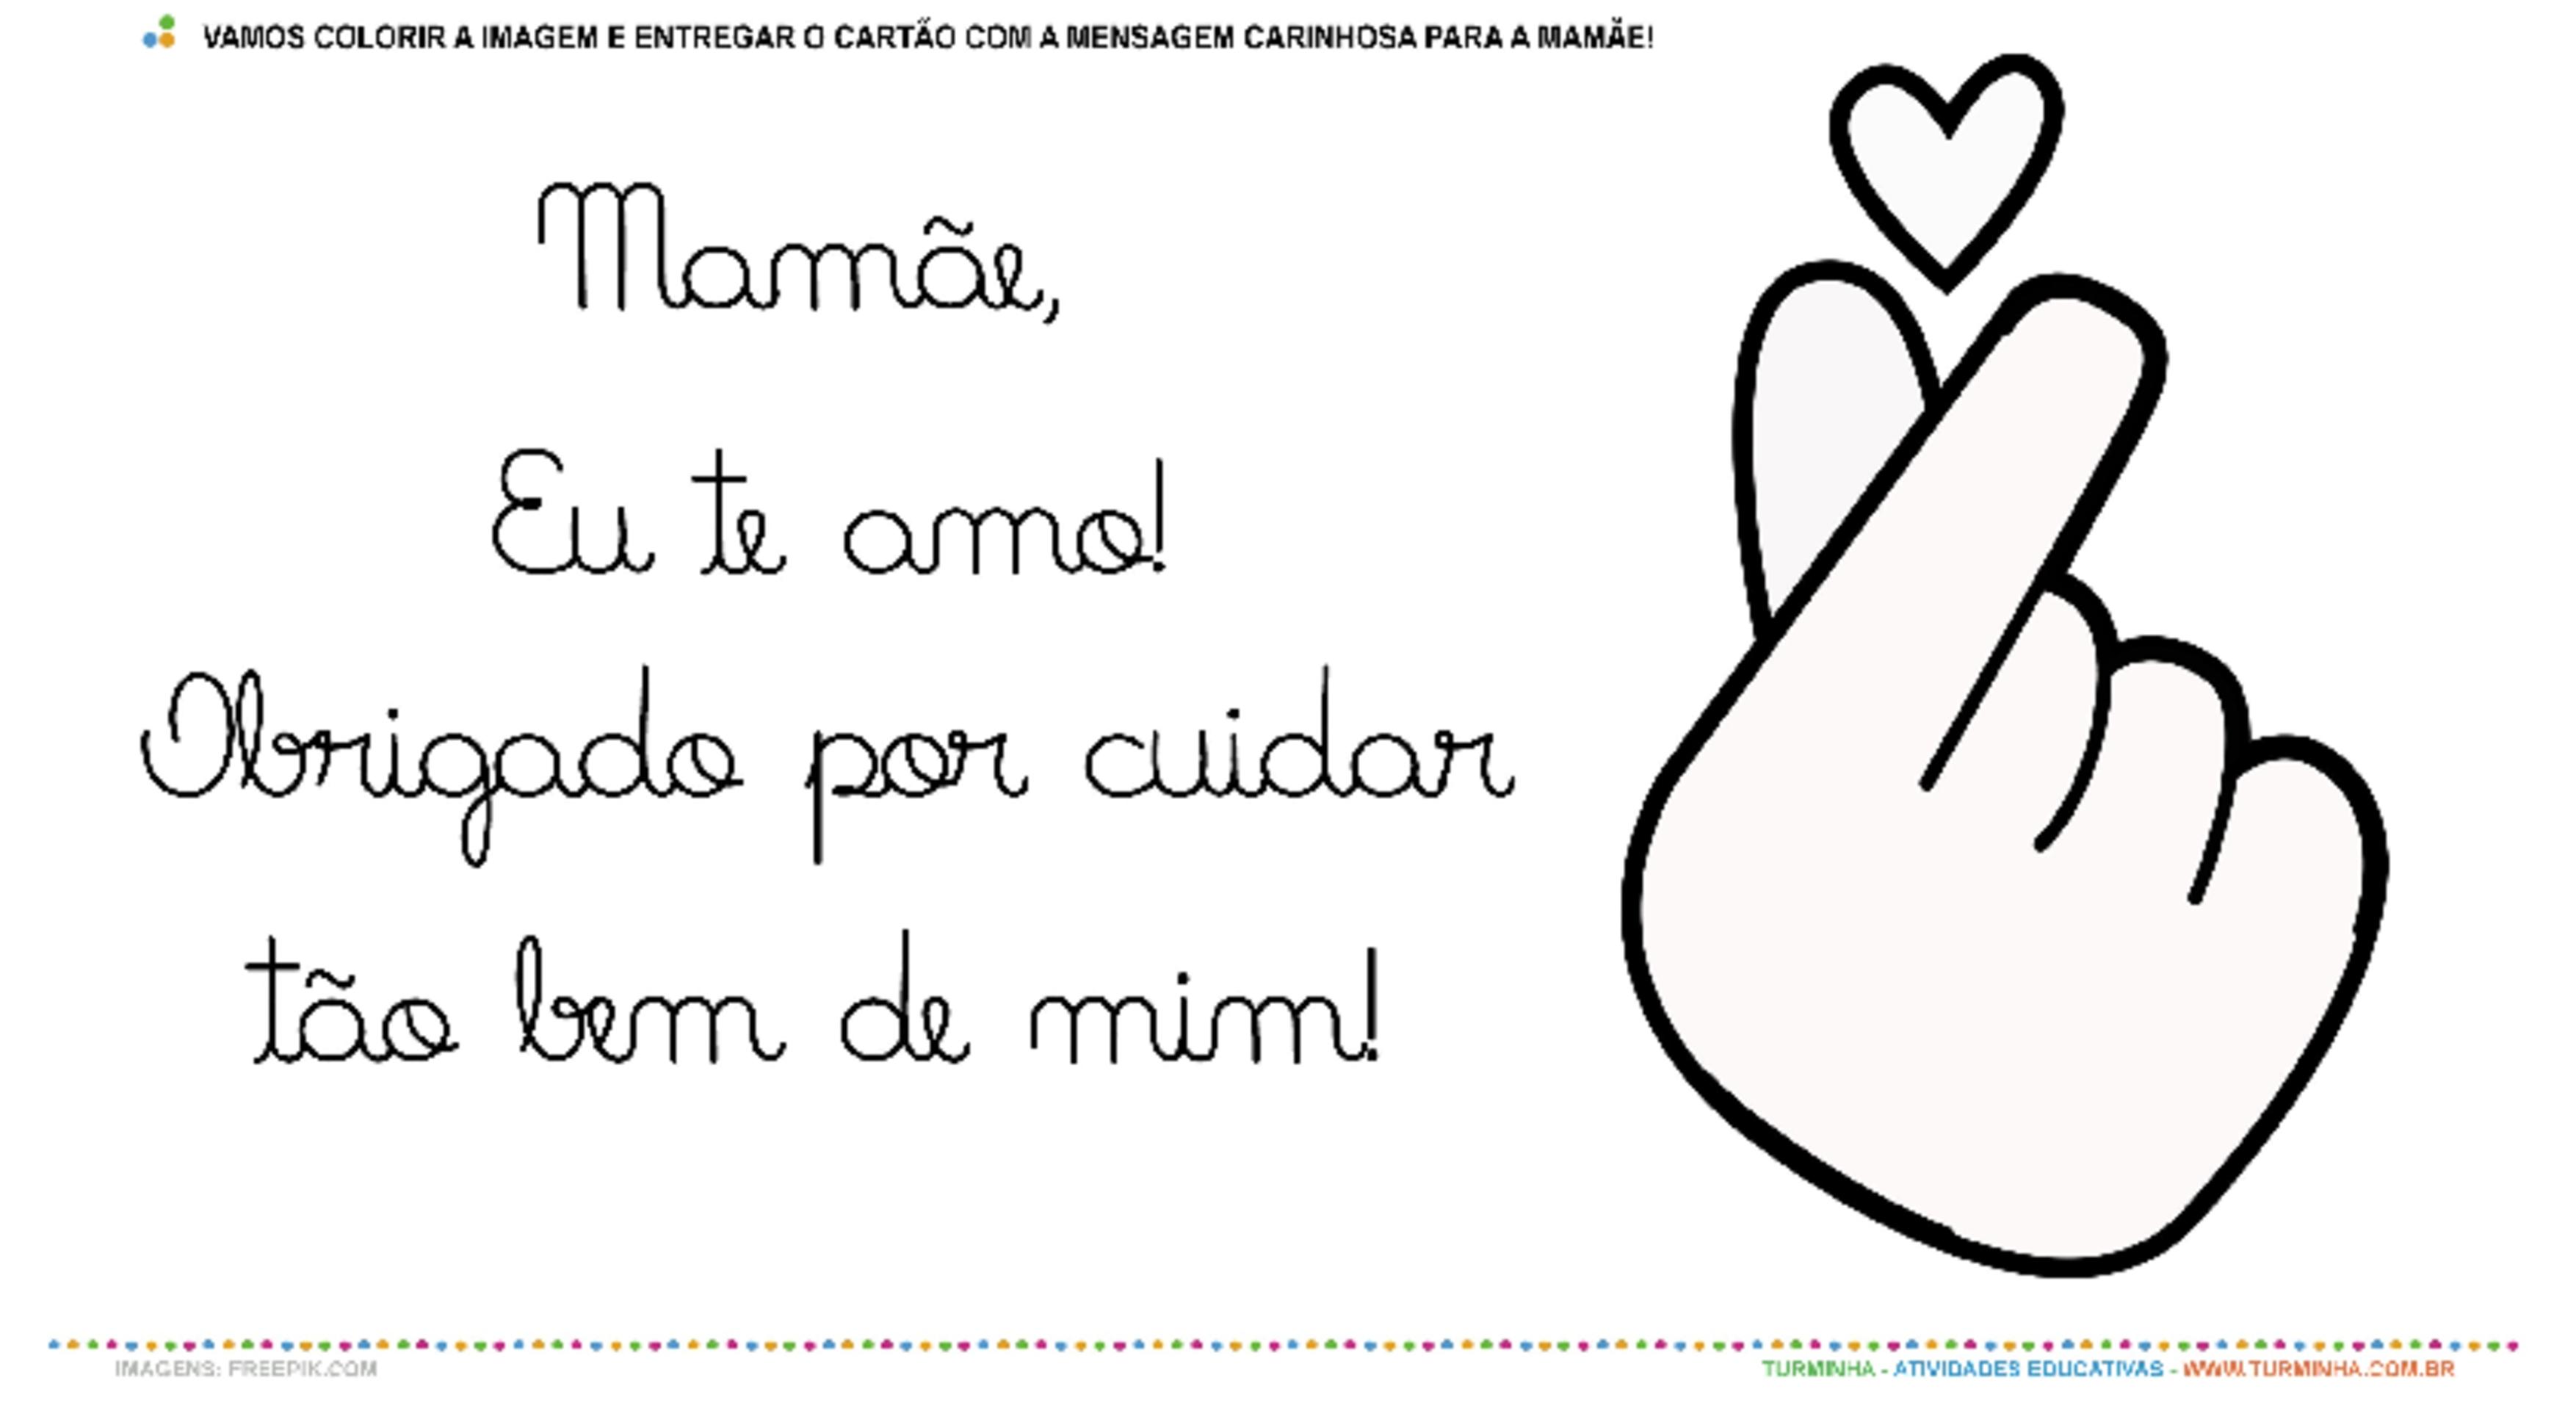 Um Cartão de Amor para a Mamãe – Pintura e Colagem - atividade educativa para Creche (0 a 3 anos)